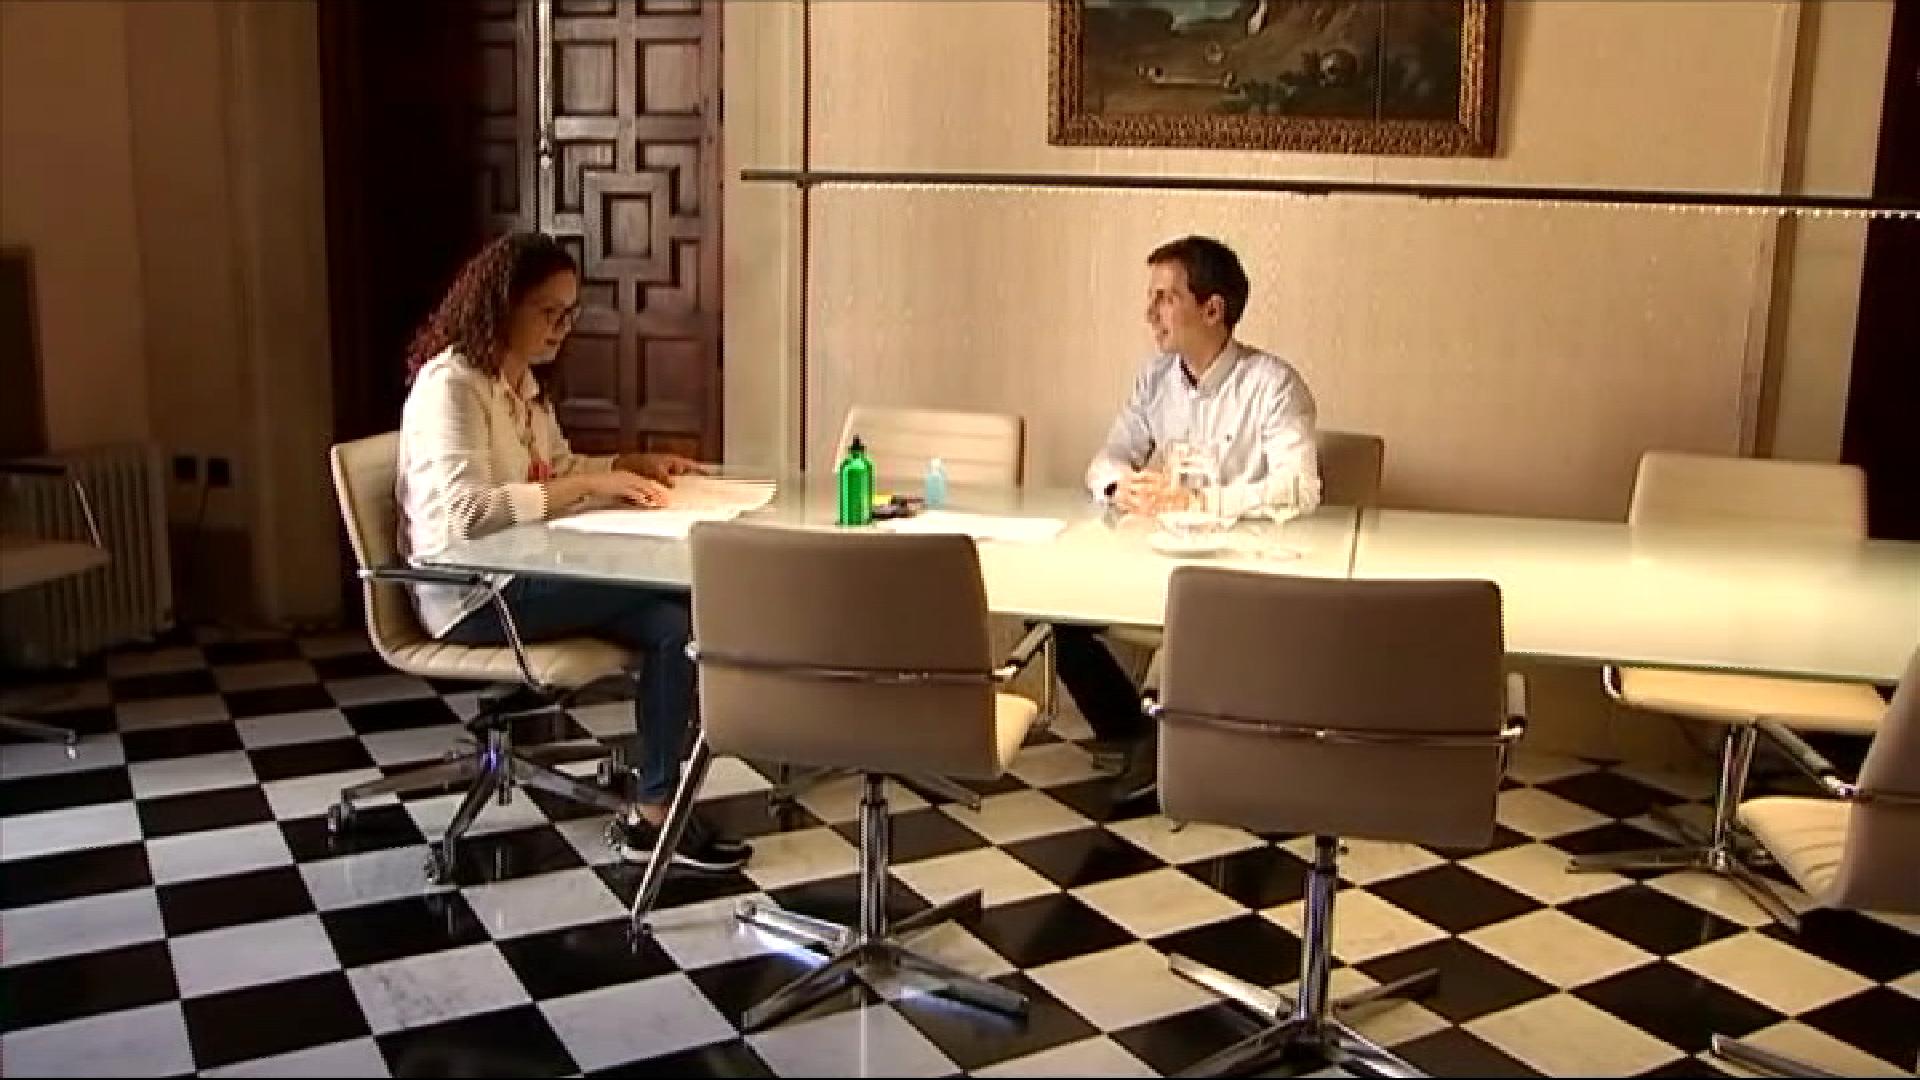 El+Consell+de+Mallorca+impulsar%C3%A0+una+taula+de+di%C3%A0leg+post+Covid-19